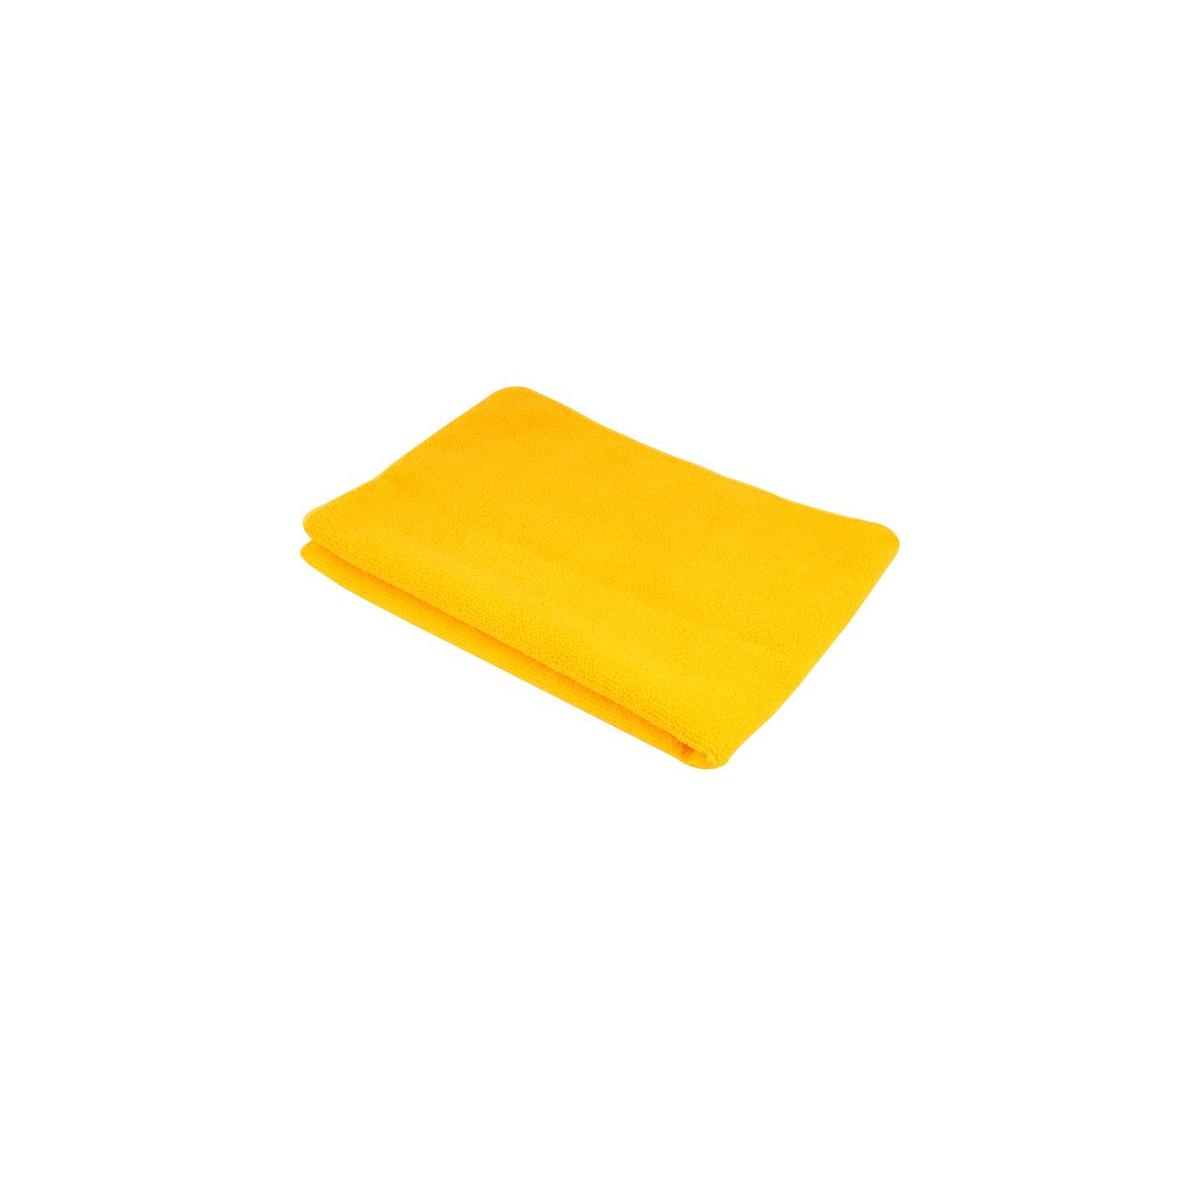 Toalha Mcrofibra 310 g/m² (gsm) 60cm x 40cm VONDER